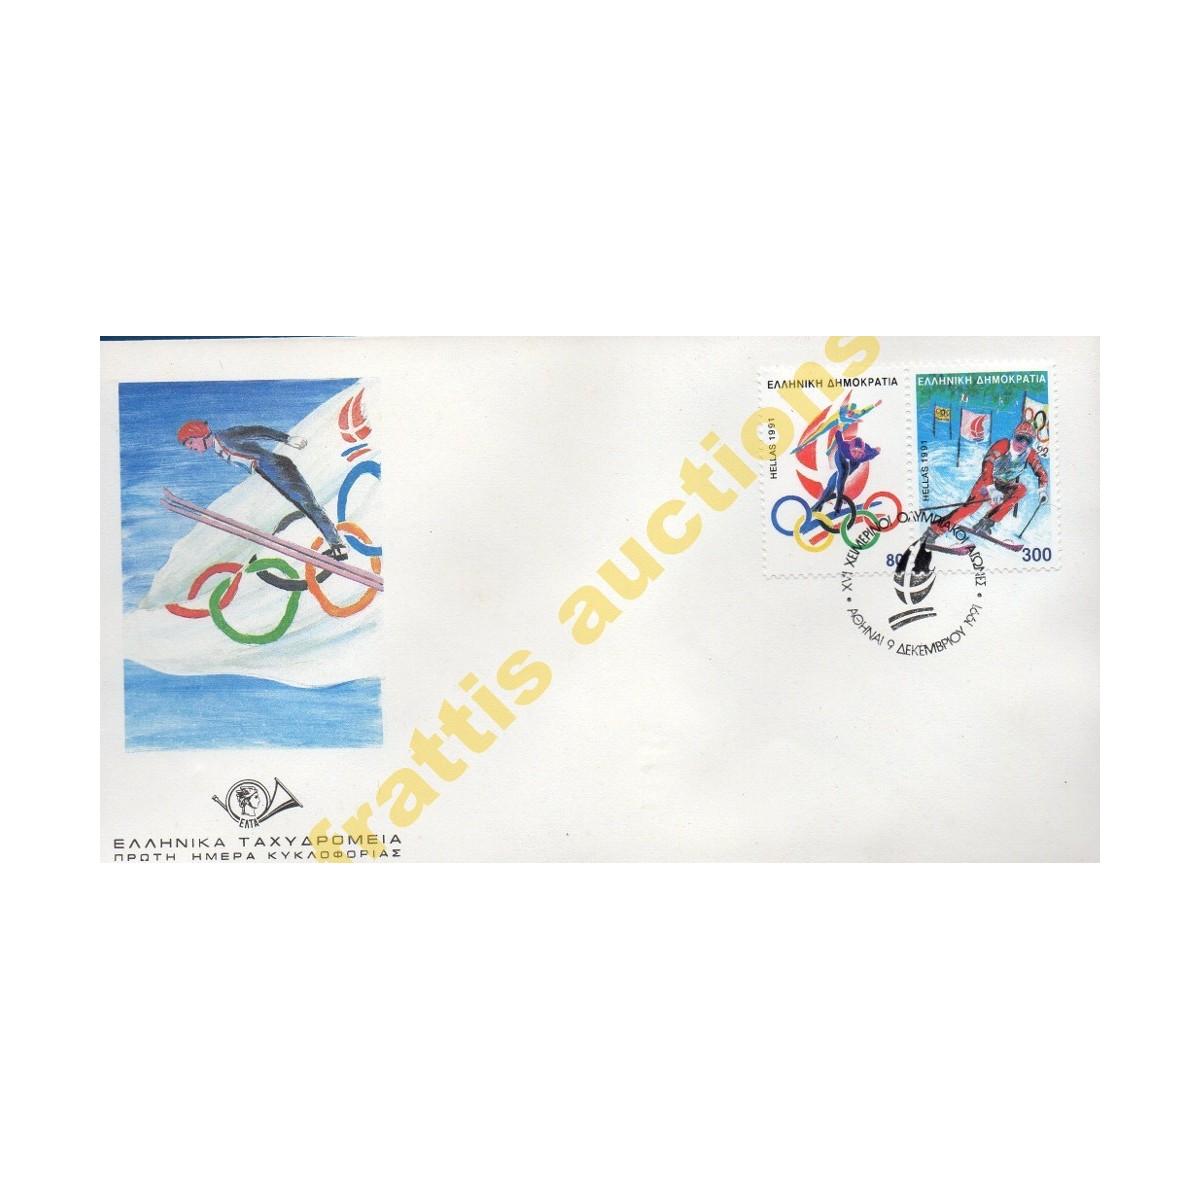 Φάκελος ΕΛΤΑ 1ης ημέρας, XVI Χειμερινοί Ολυμπιακοί Αγώνες.